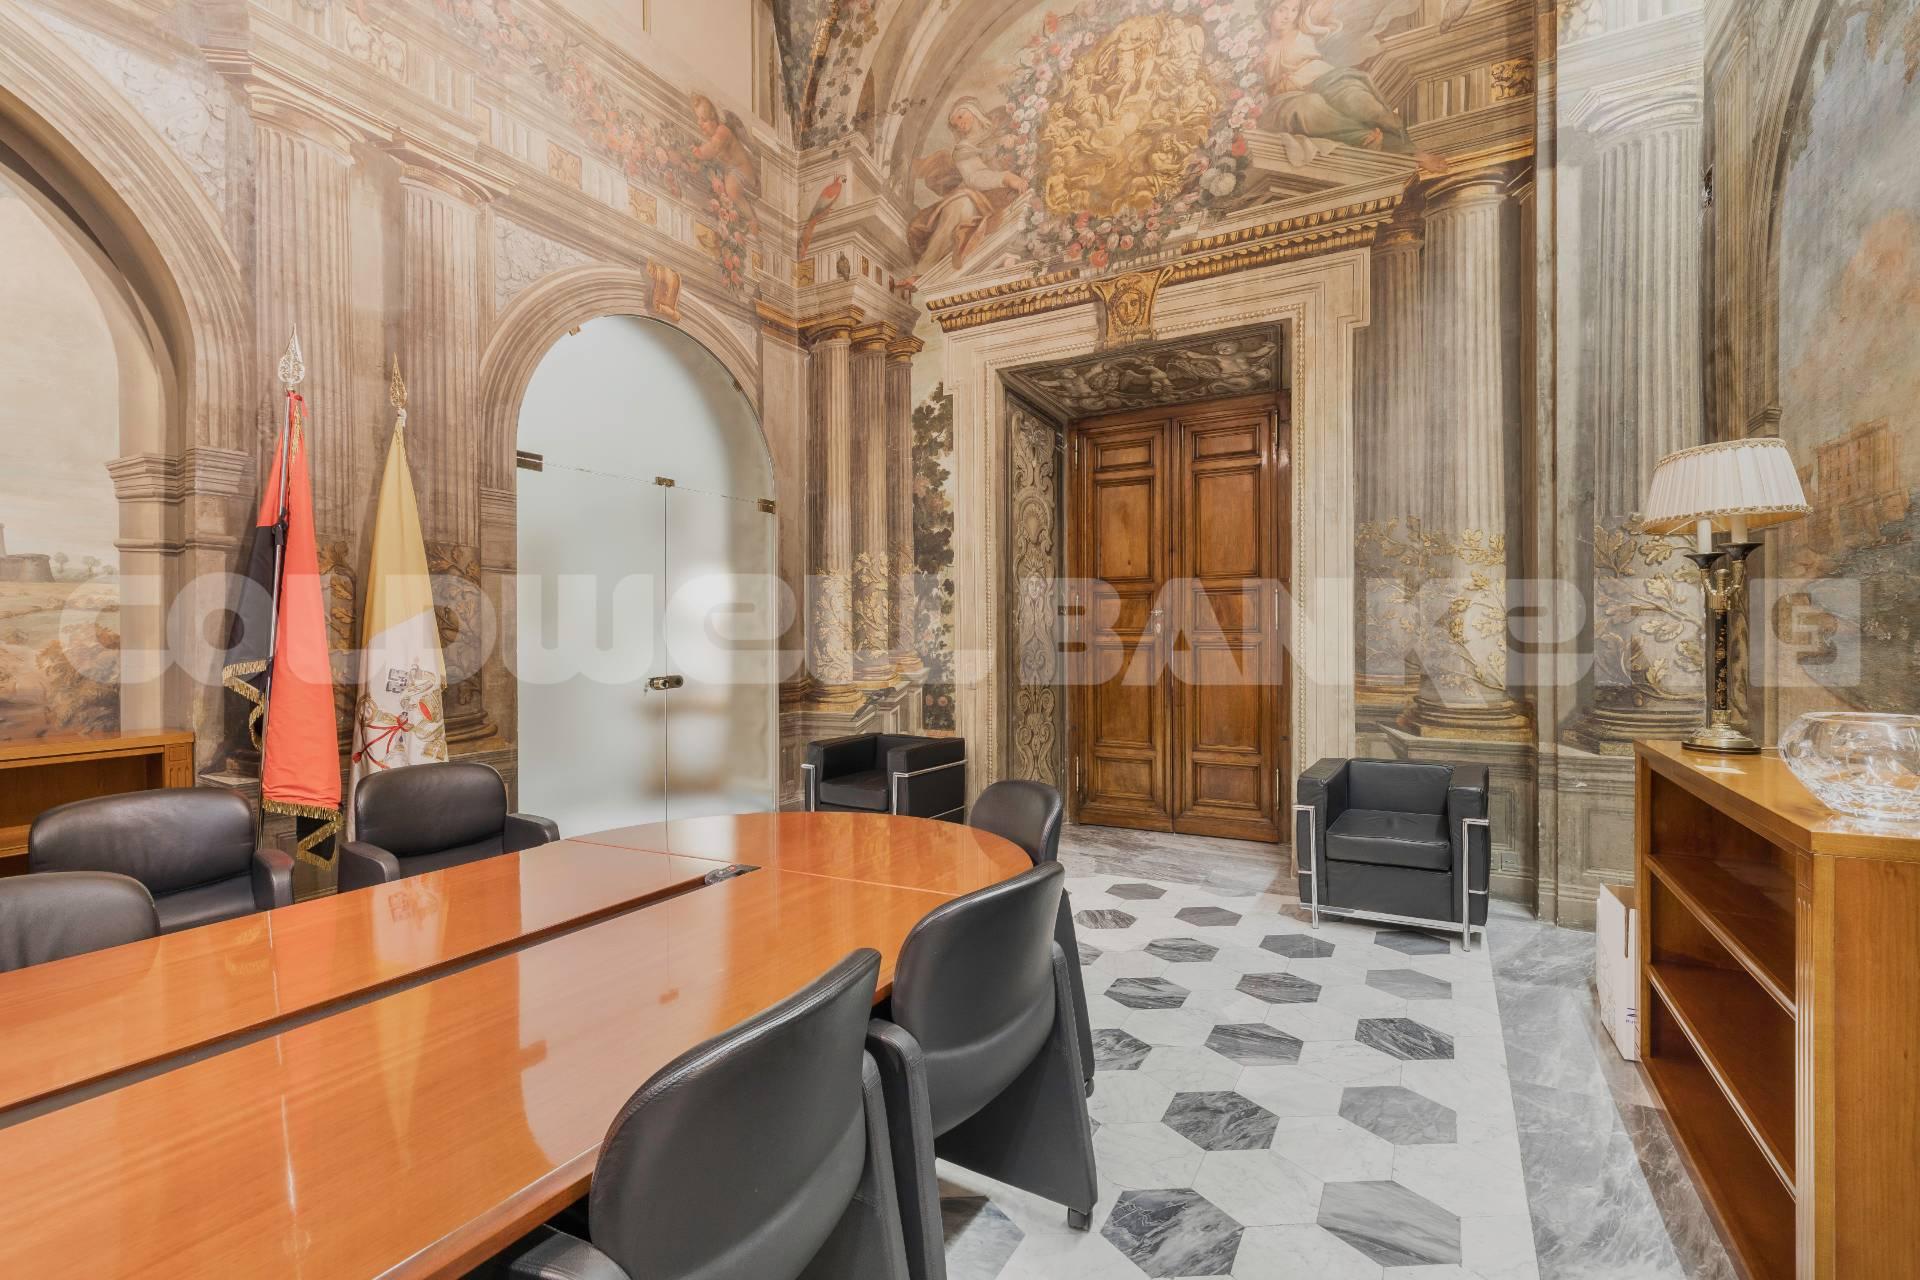 Ufficio in affitto a roma cod ex1419 for Locali commerciali in affitto roma centro